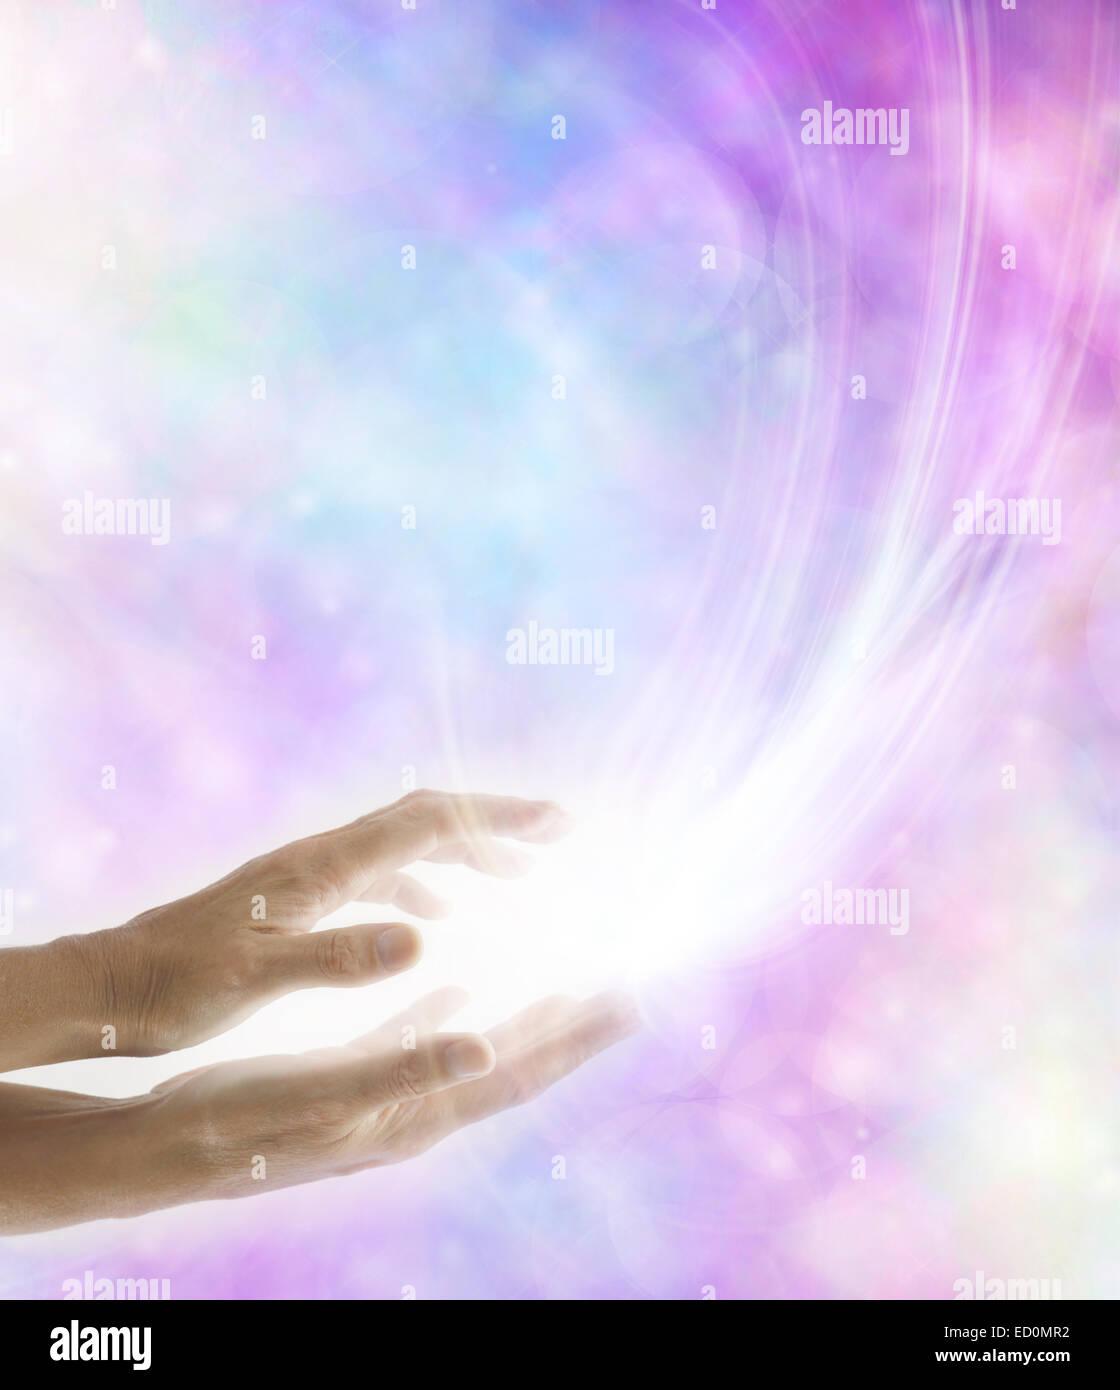 Healing hands healing light stock photos healing hands - 123rf image gratuite ...